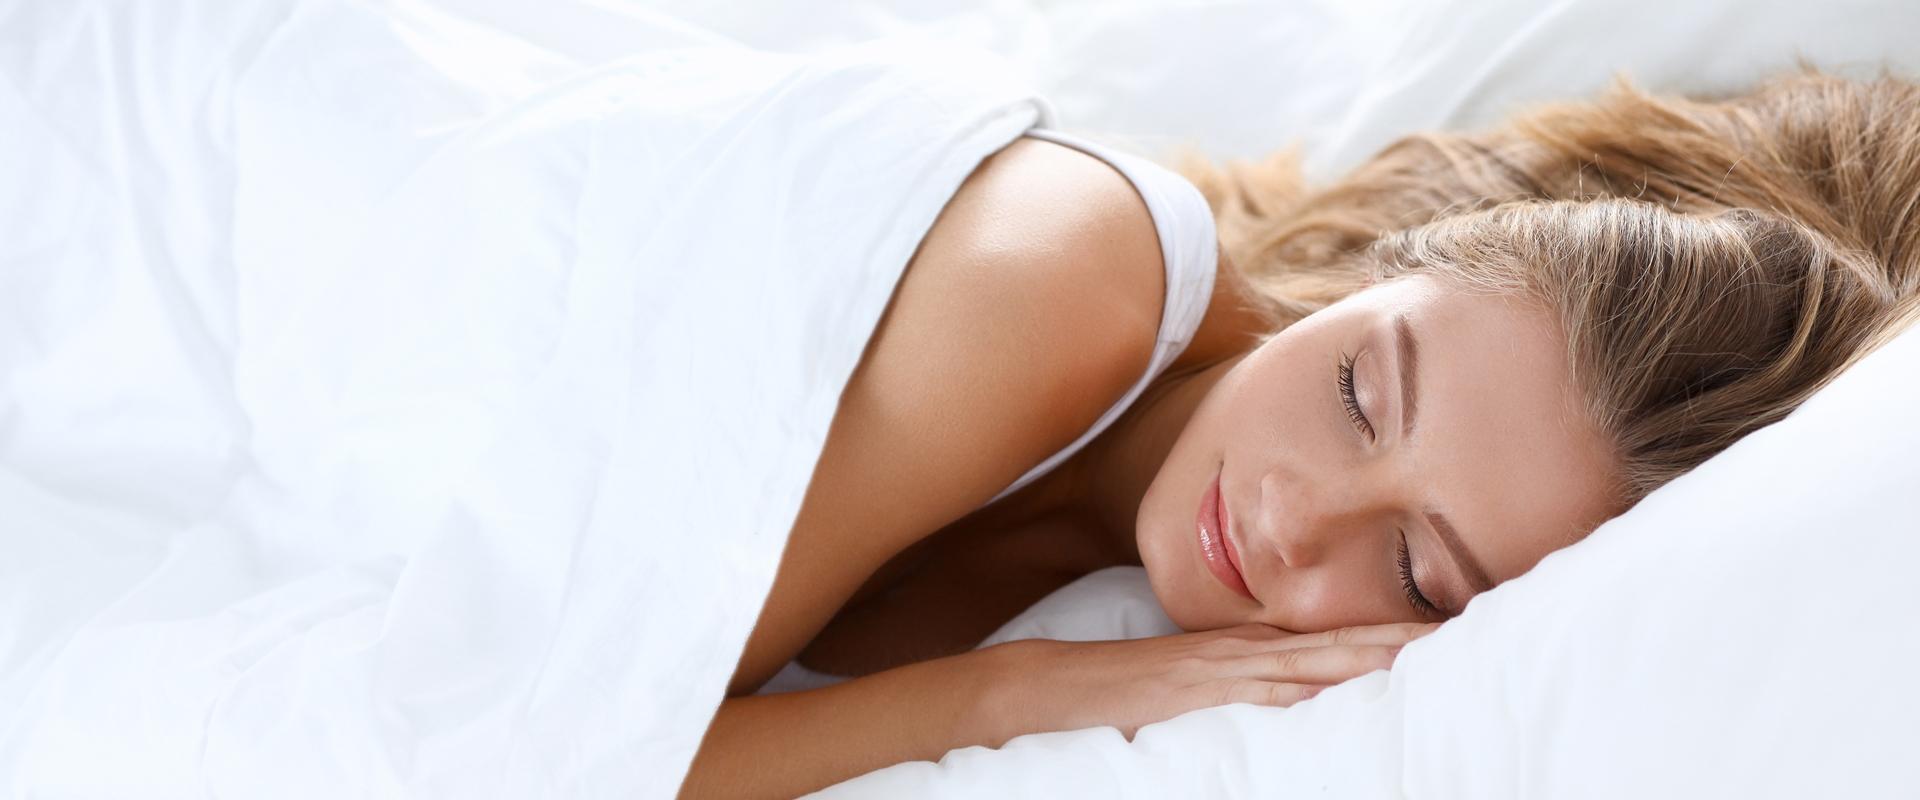 Schlafende-Frau-Fotolia_ohne-Silbernaht-94260850_XXL-1920x800px